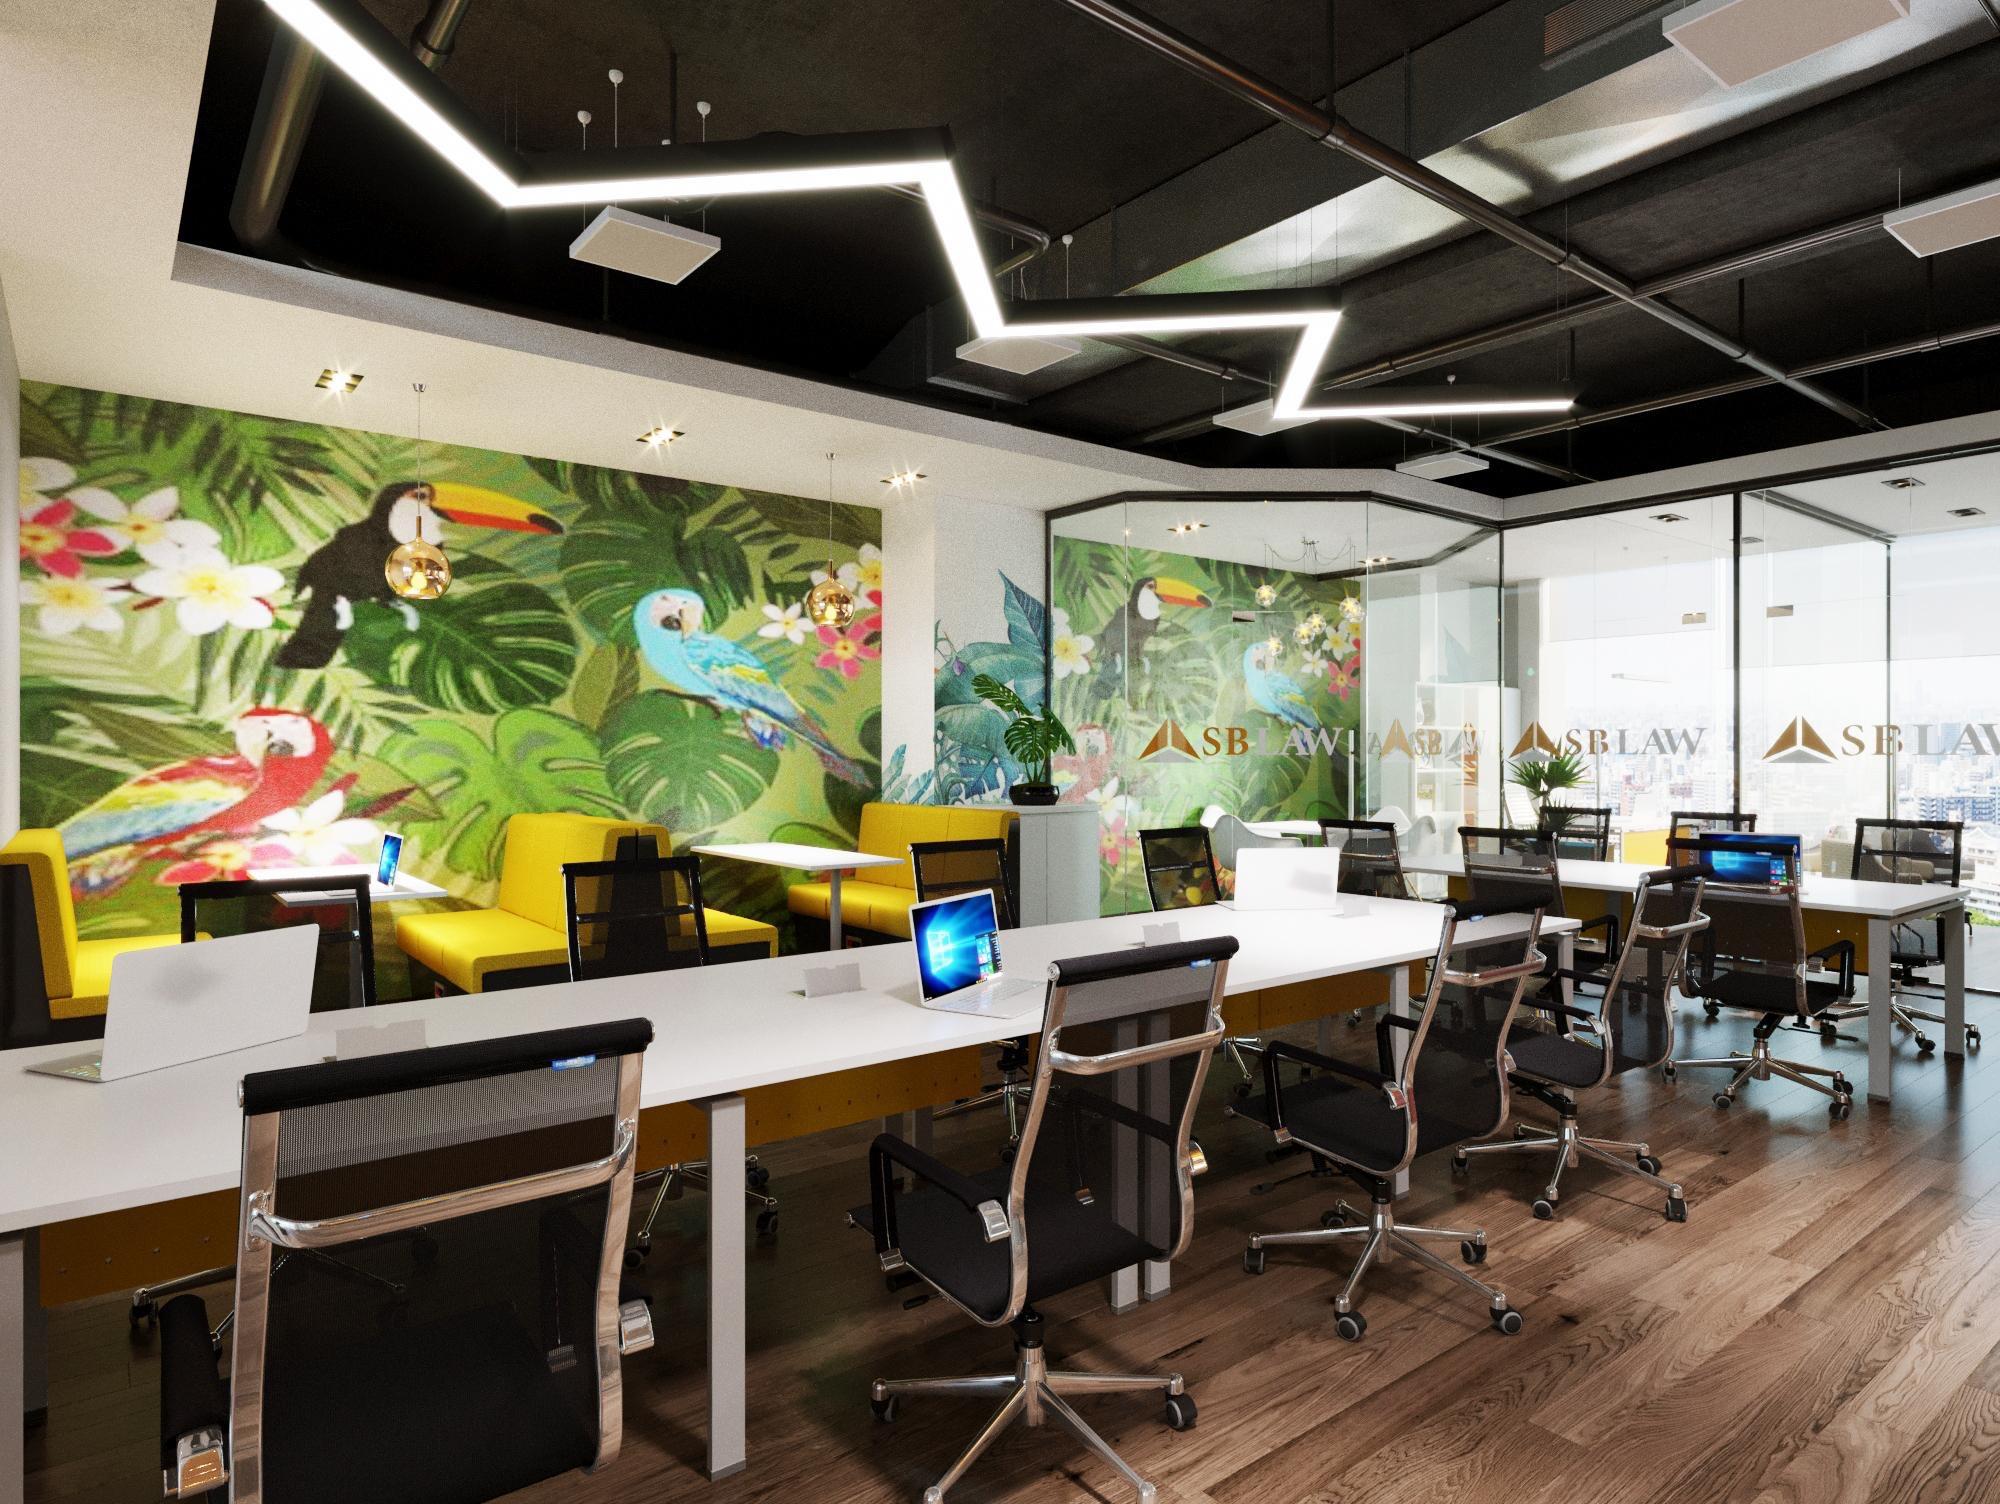 Hình ảnh văn phòng mới của công ty luật SBLAW